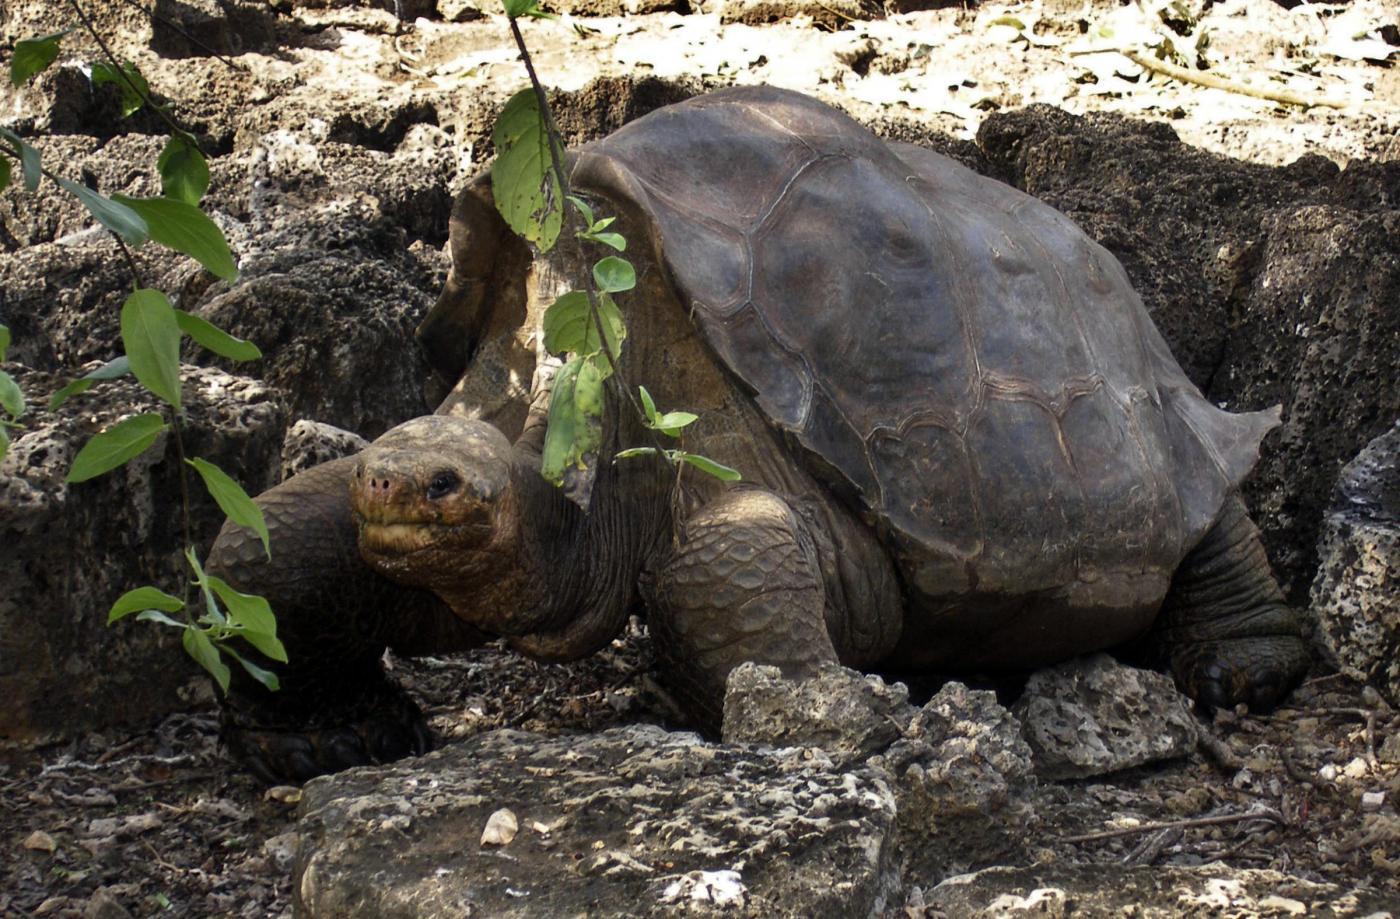 La tartaruga gigante di Darwin, forse, esiste ancora